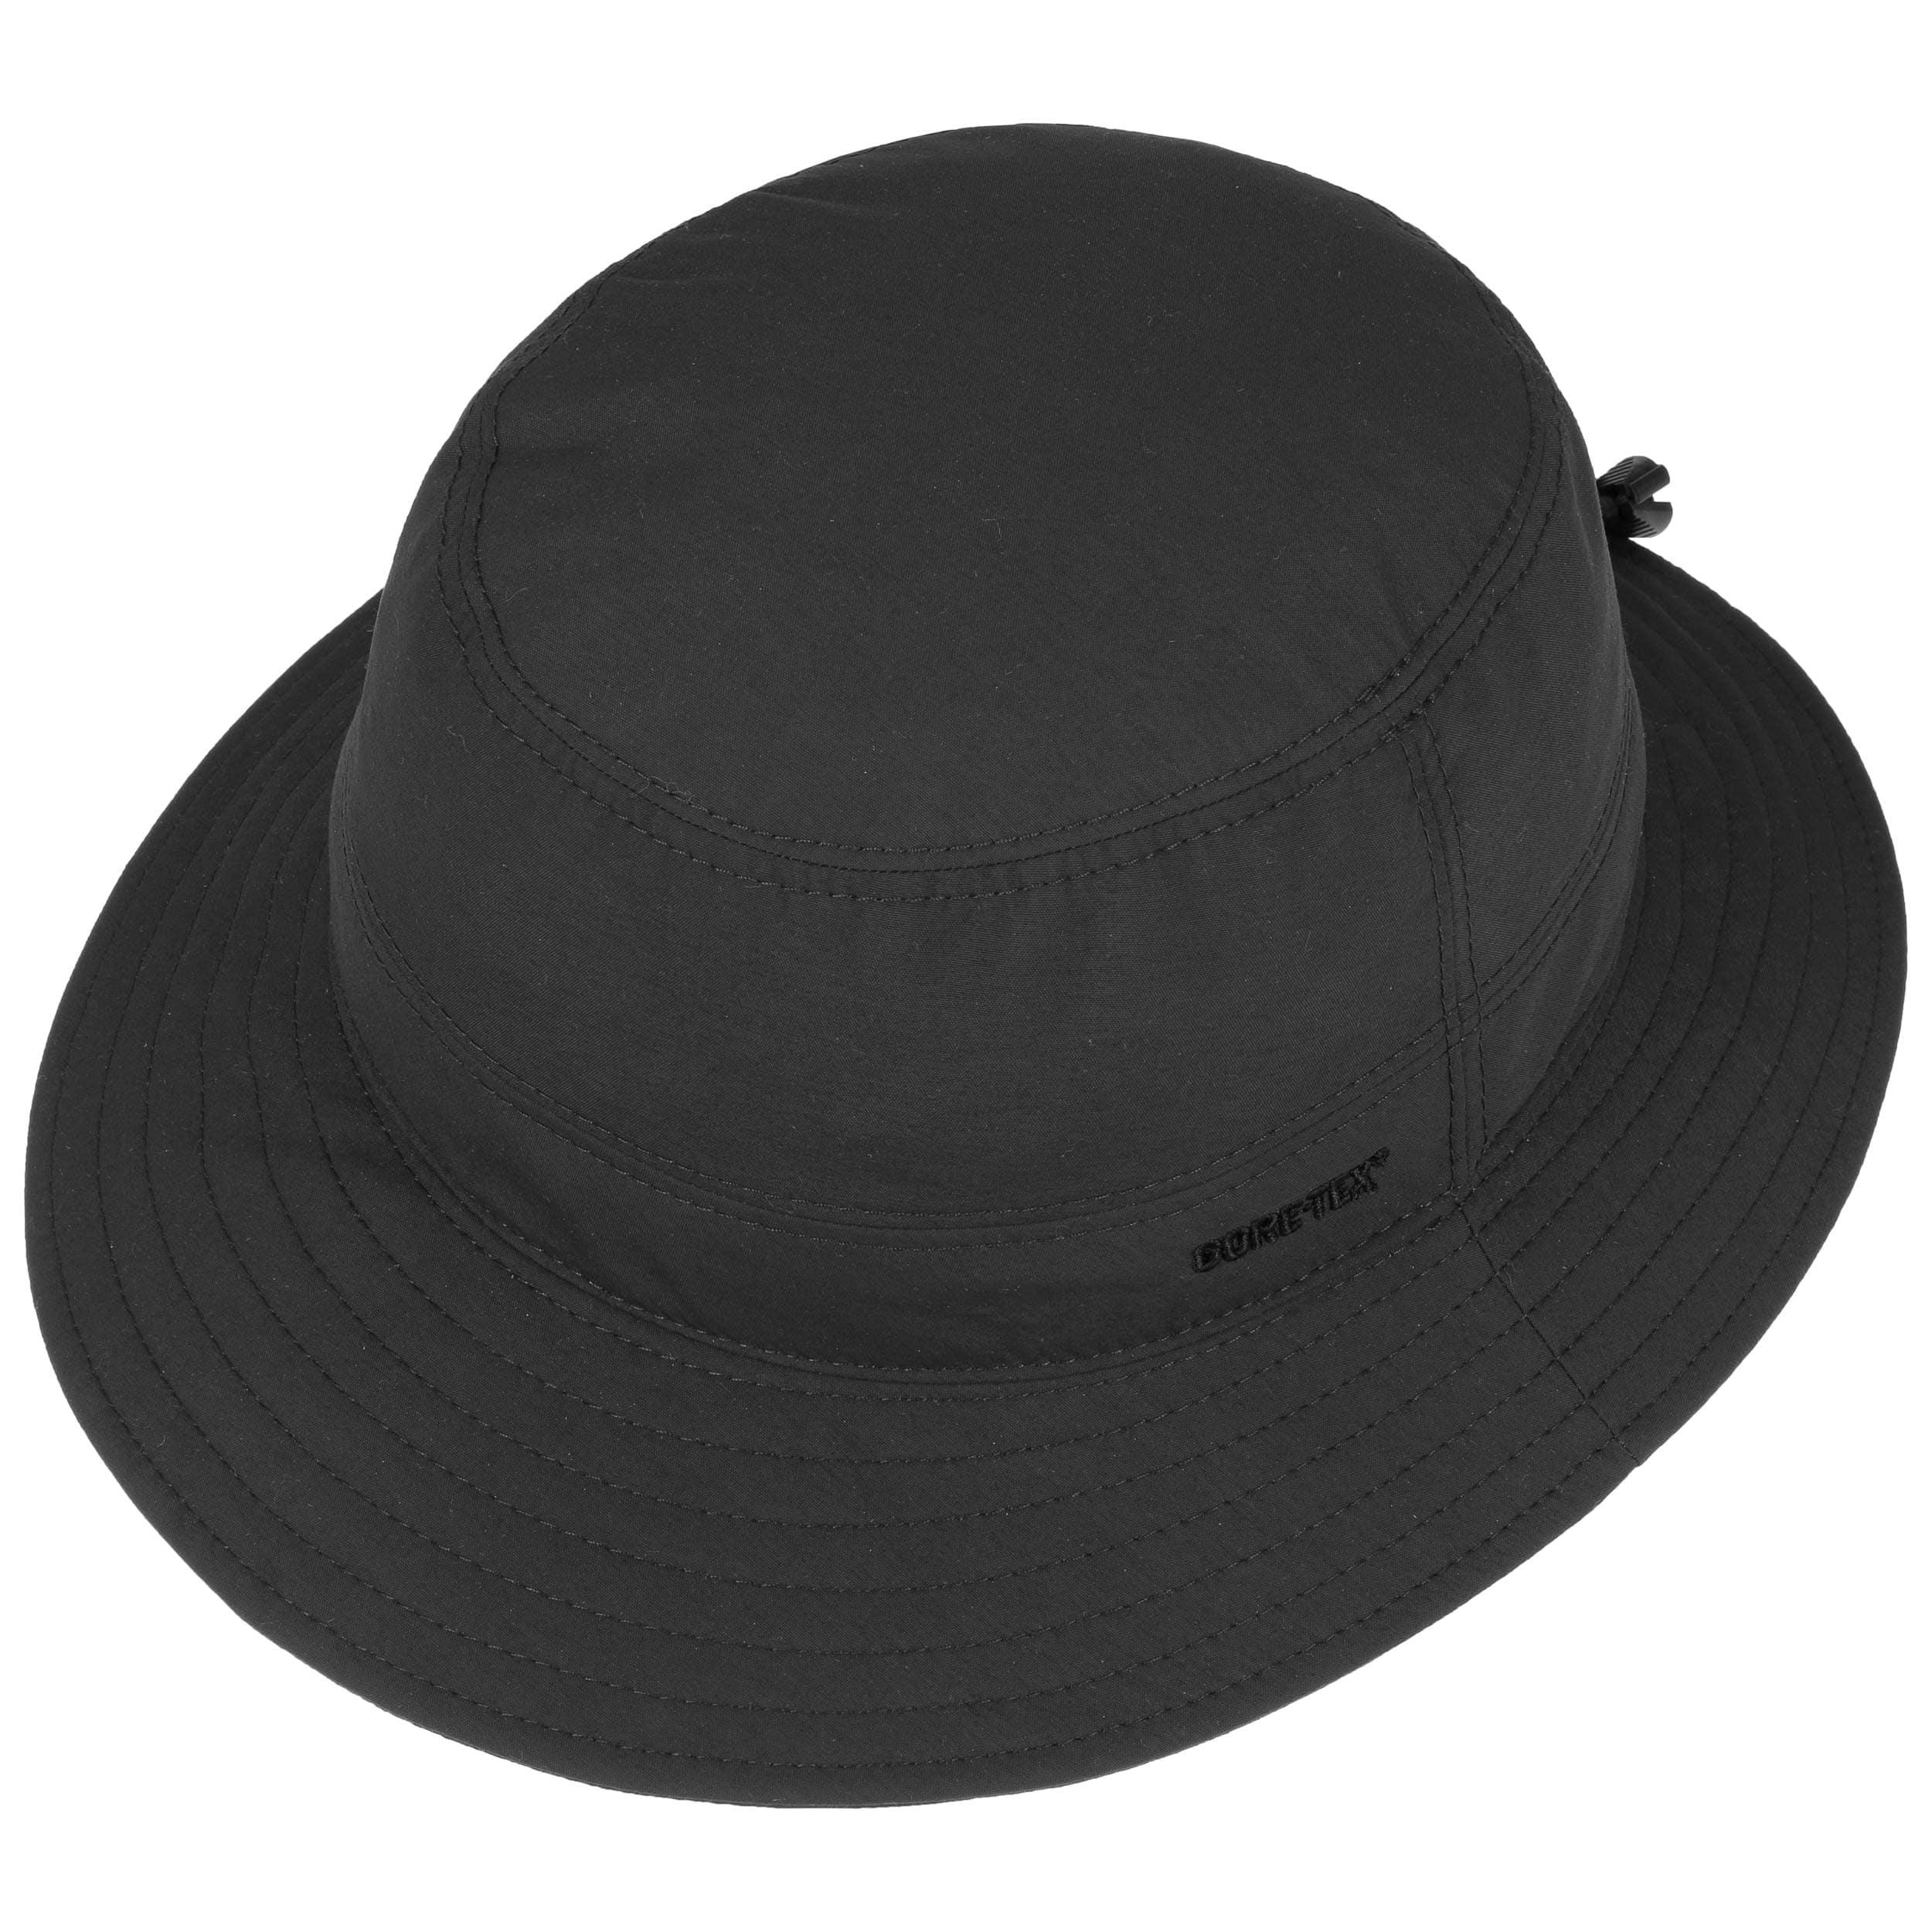 a68214bdeb20e ... Gore-Tex Bucket Rain Hat by Lierys - black 1 ...